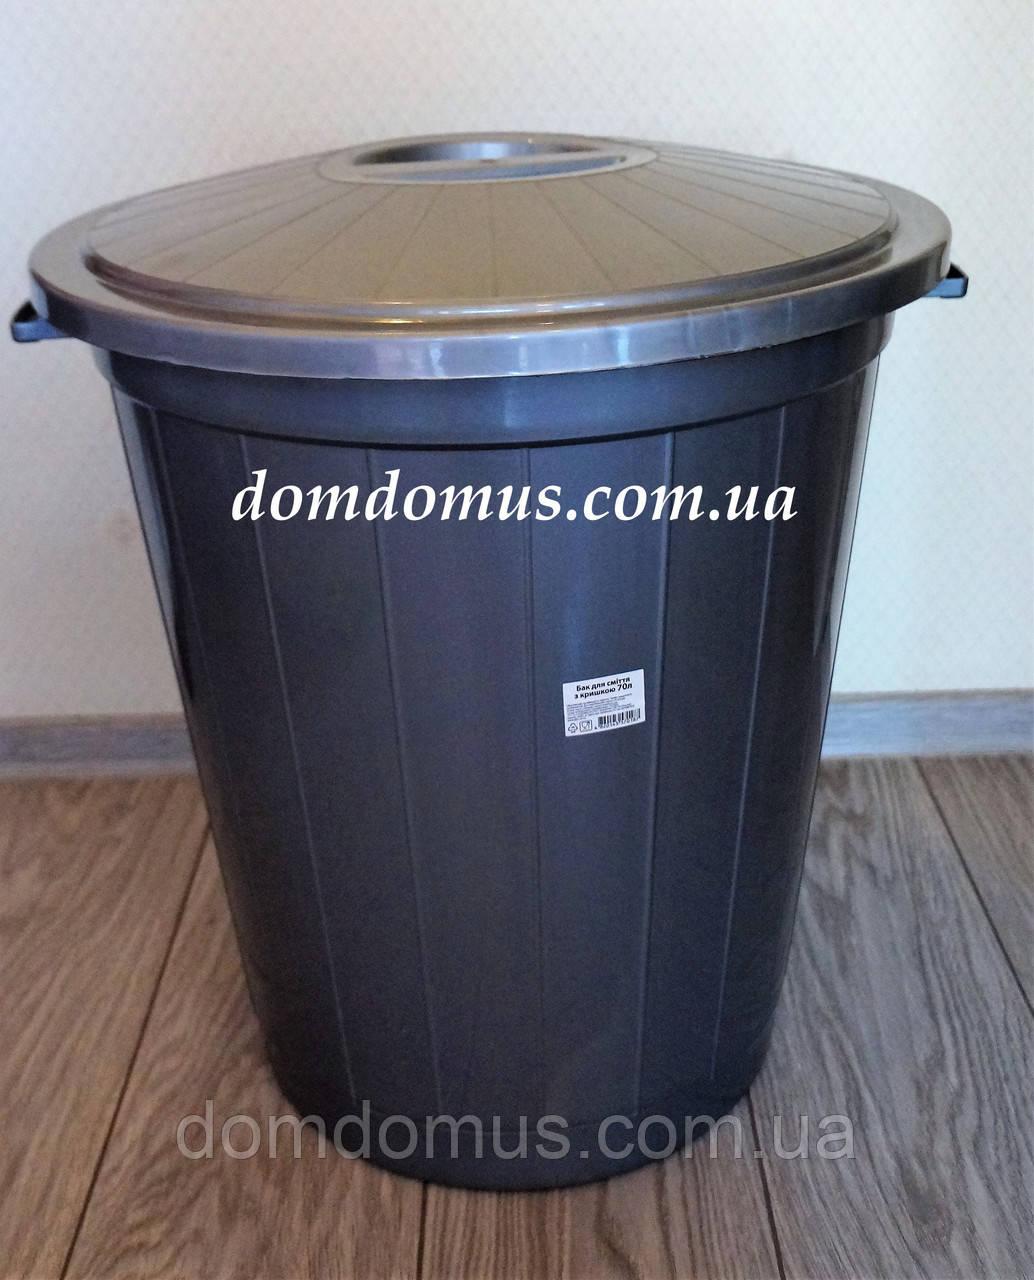 Бак мусорный пластиковый с крышкой 50 л, Украина